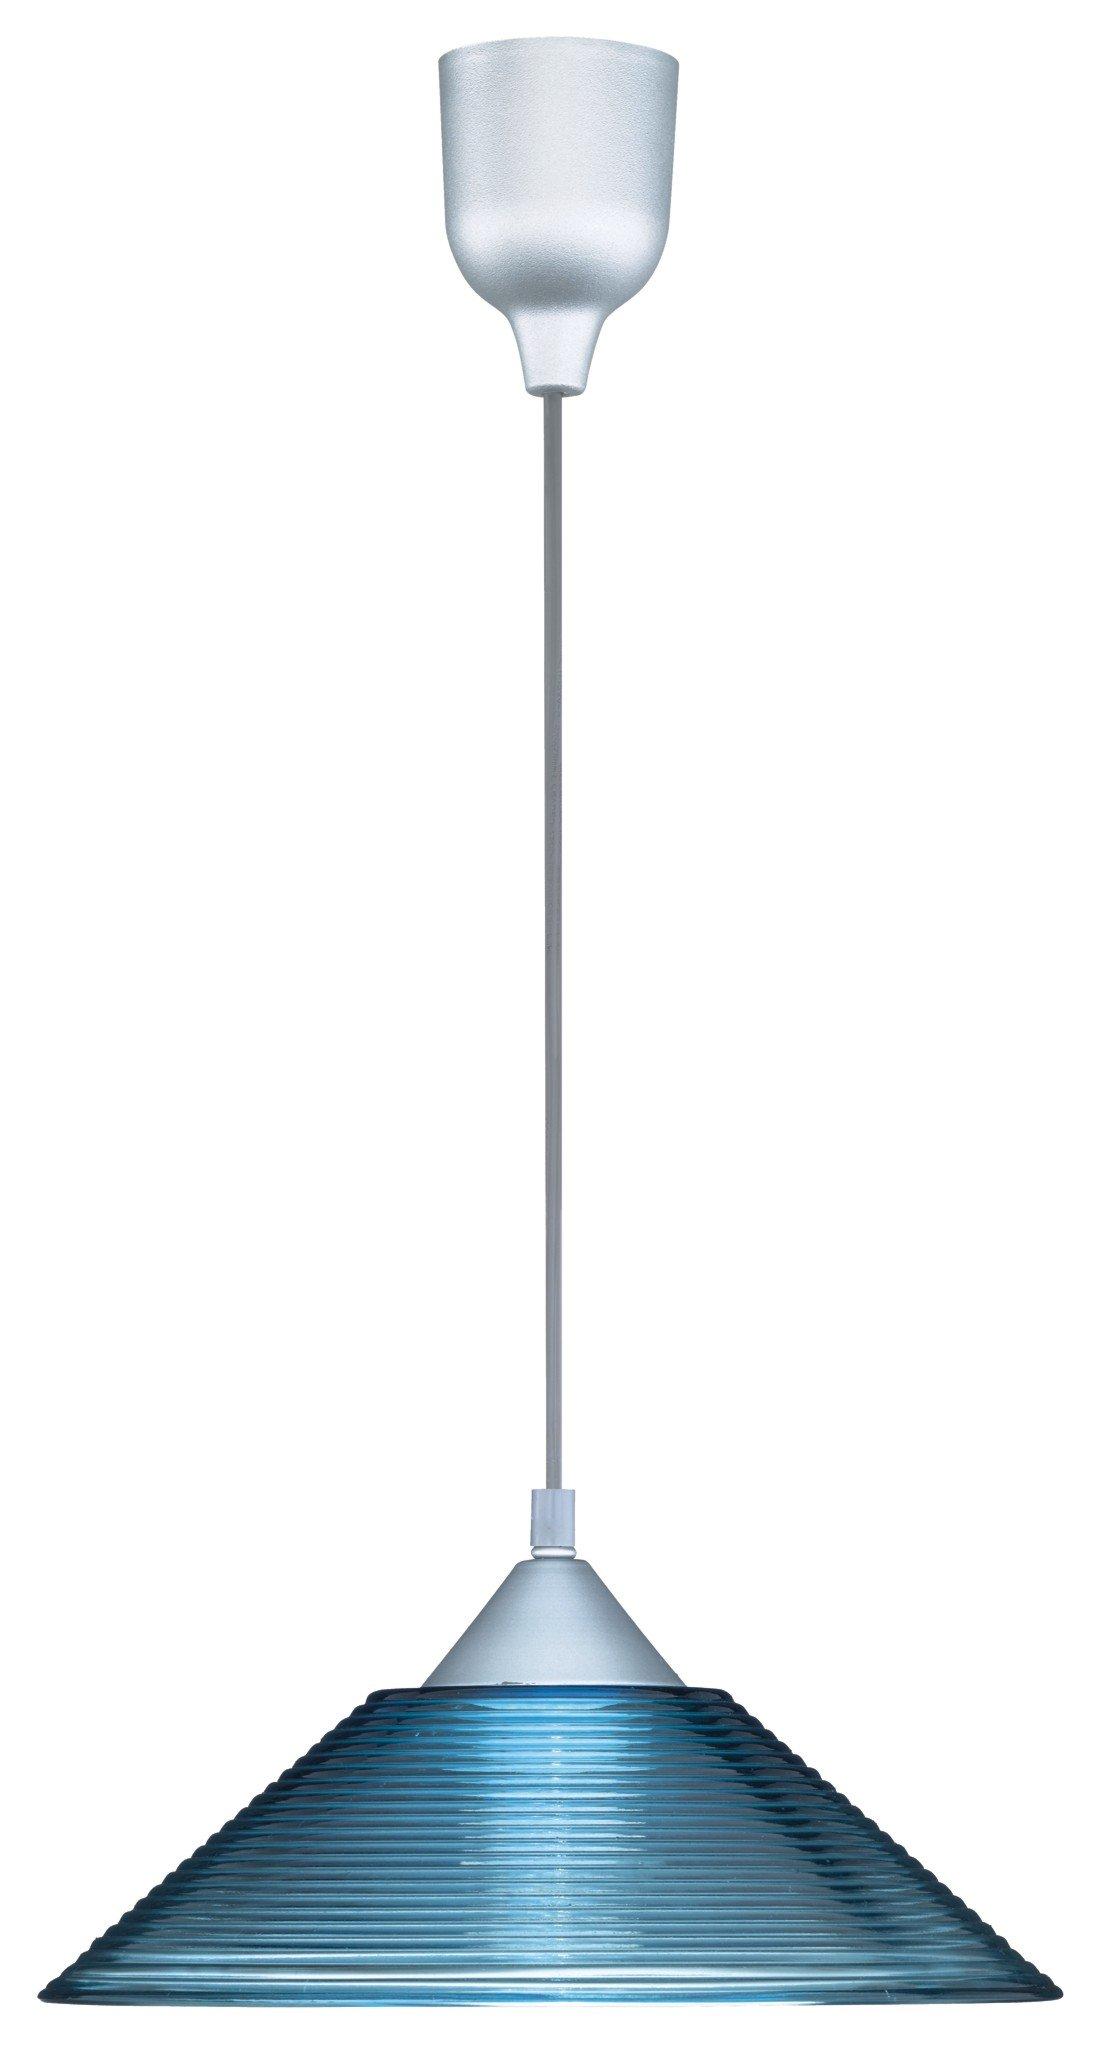 Trio 301400112シーリングライト凹面ガラスの直径30センチメートル長さ125センチメートル青透明1×E27 *大型60ワット電球付き